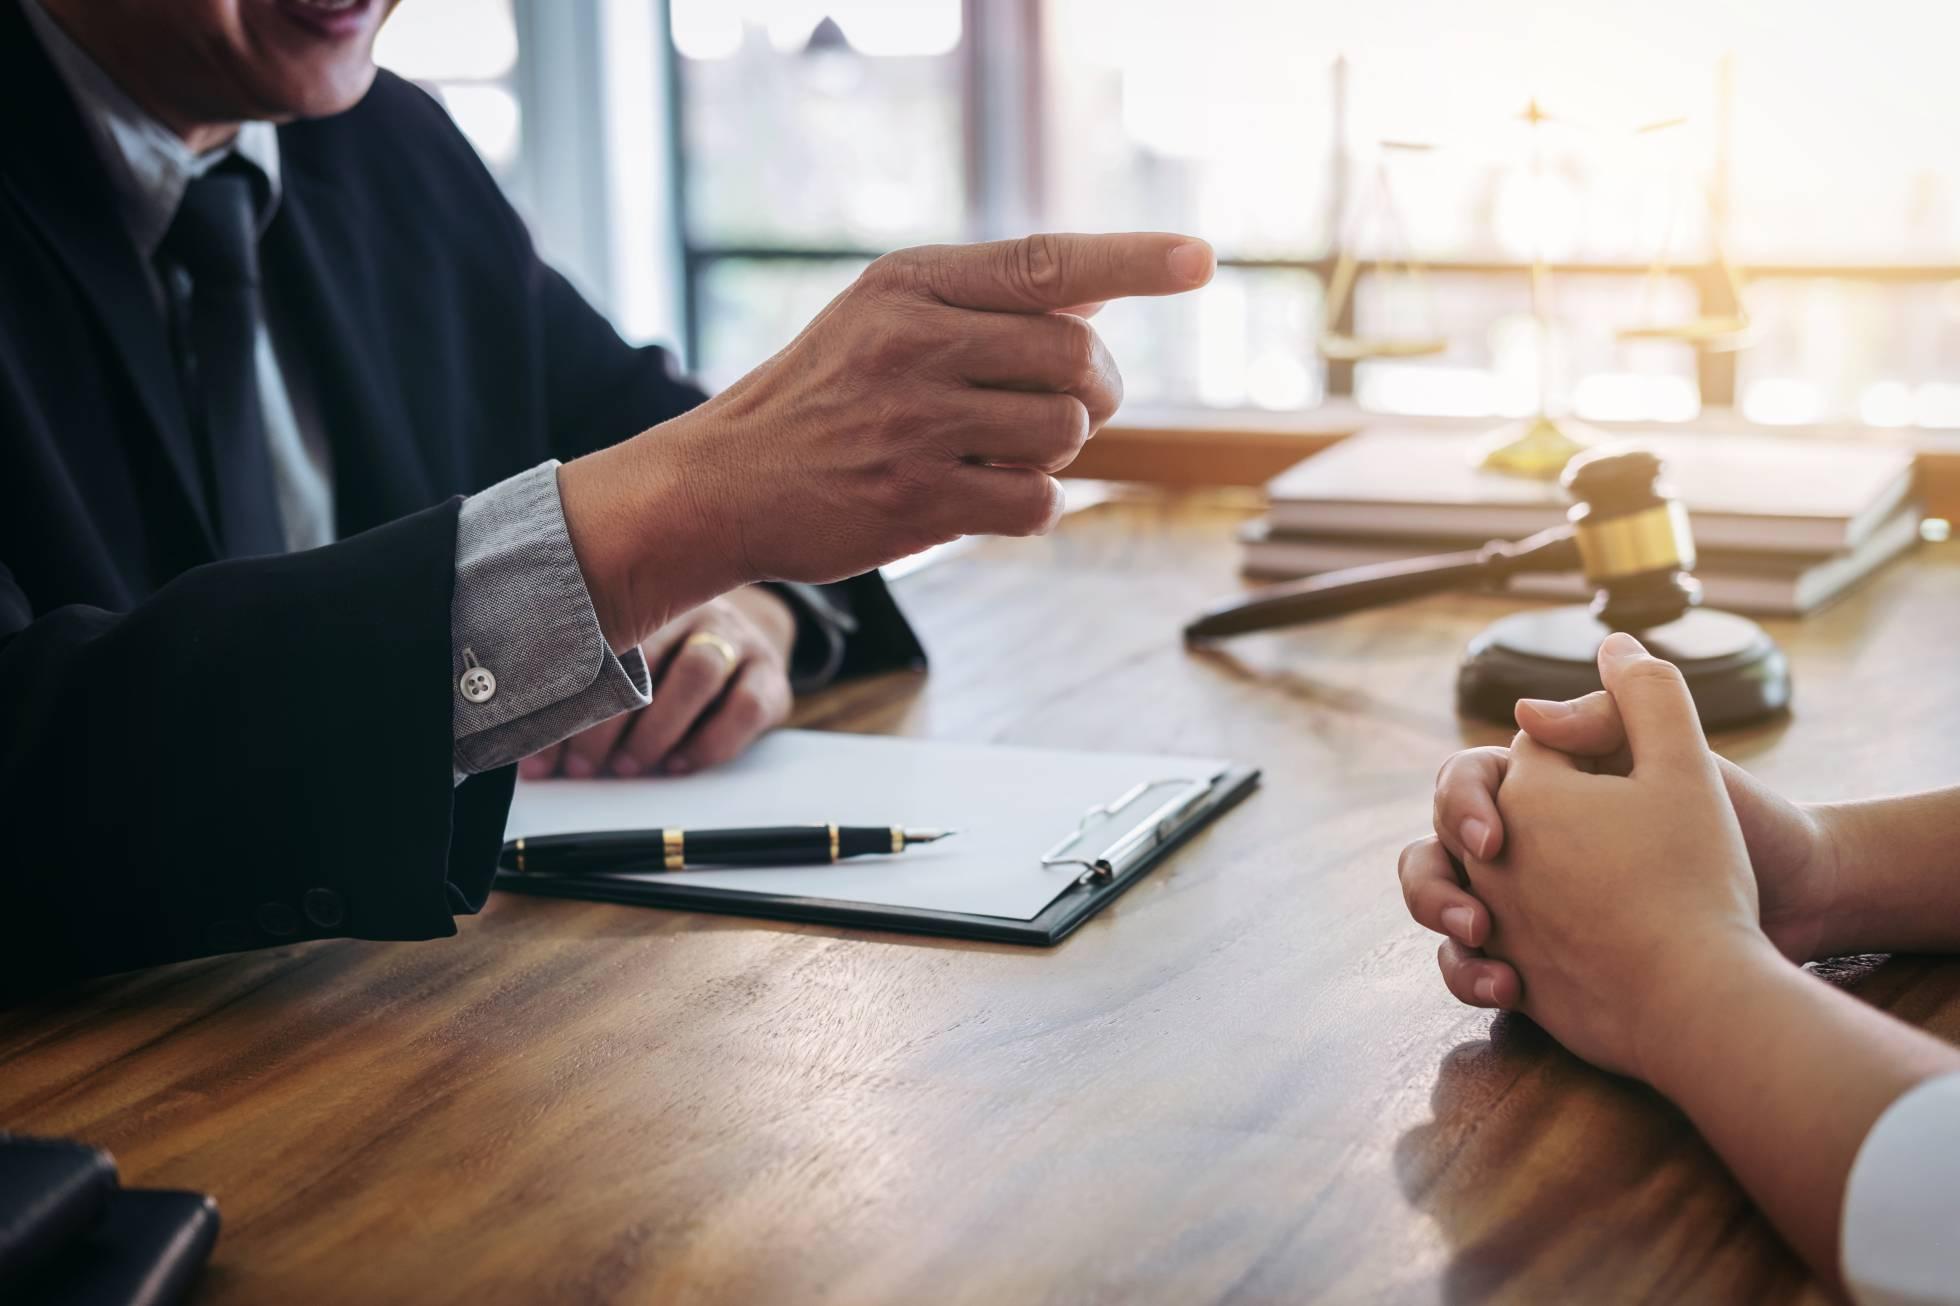 El lenguaje no verbal, una habilidad clave para ganar un juicio o una negociación